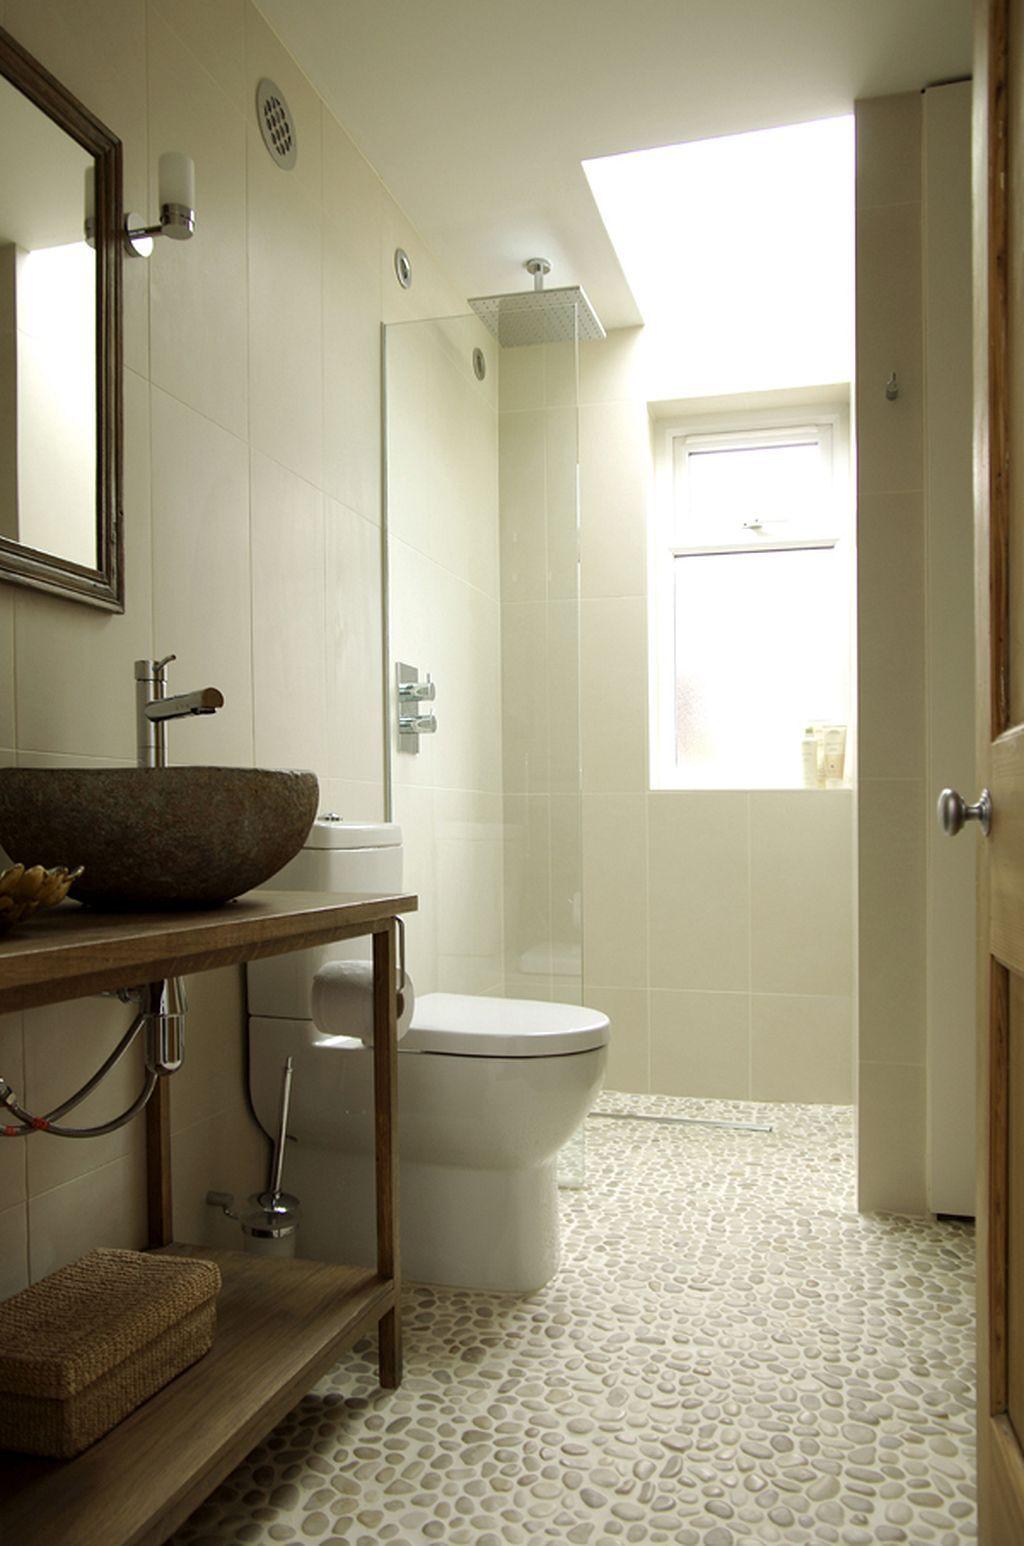 40+ Pebble Tile Bathroom Ideas | Pebble tiles and Grout